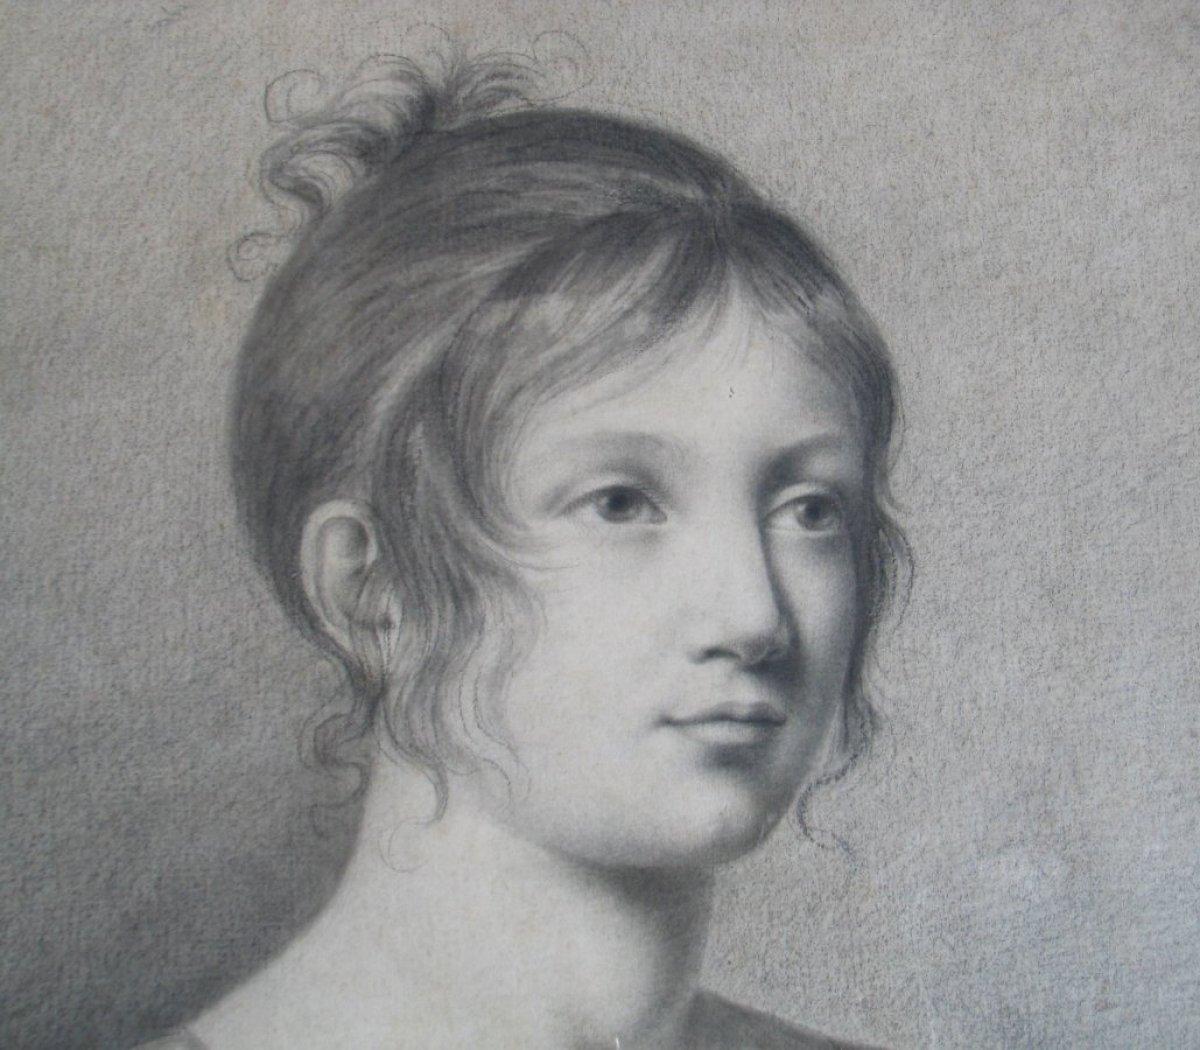 Portrait de jeune fille d but xixe si cle - Dessin de jeune fille ...